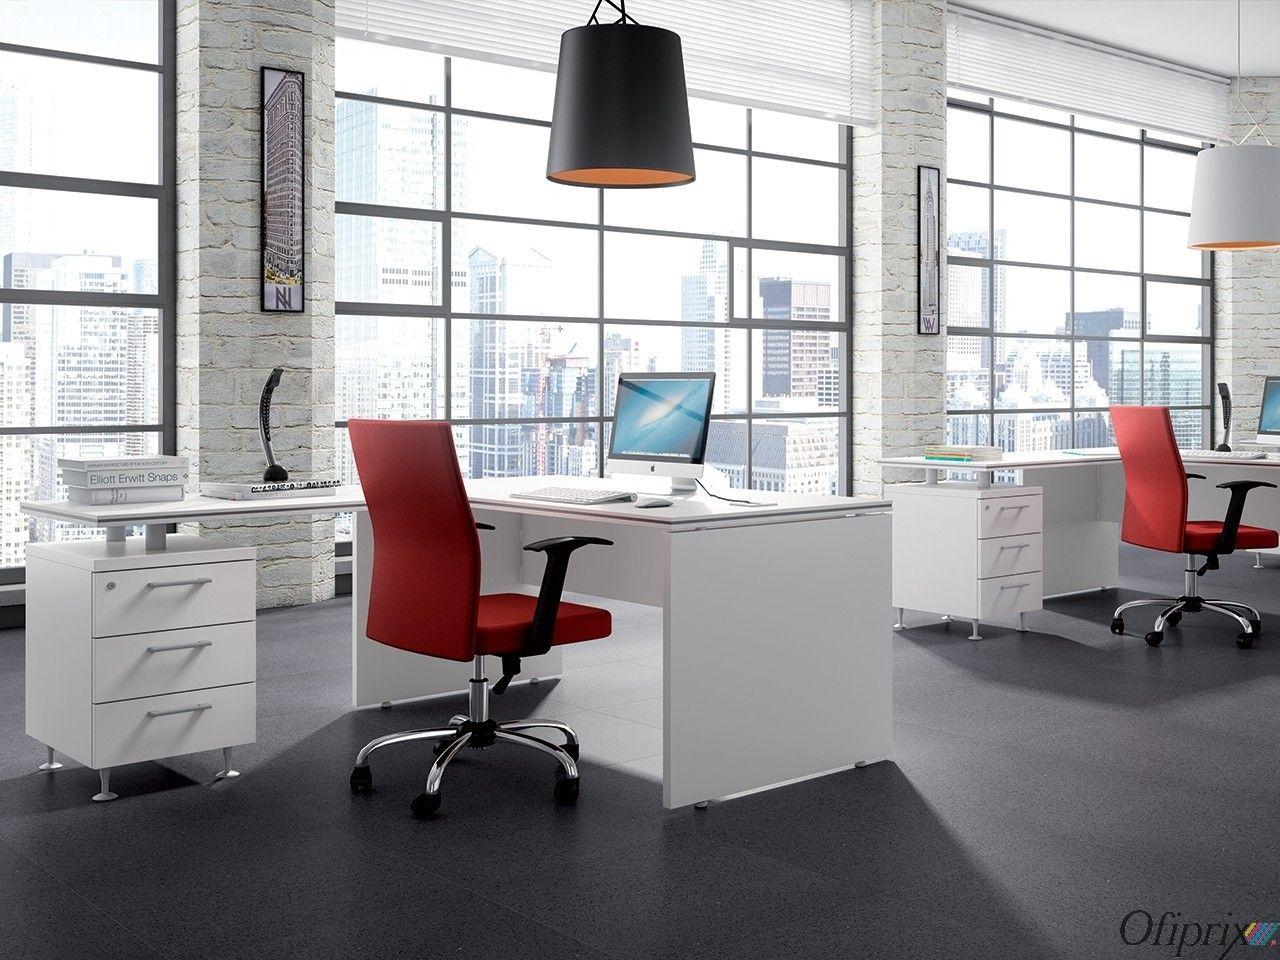 Mesas de Oficina Baratas - Work Basic en 2020 | Mesa de ...